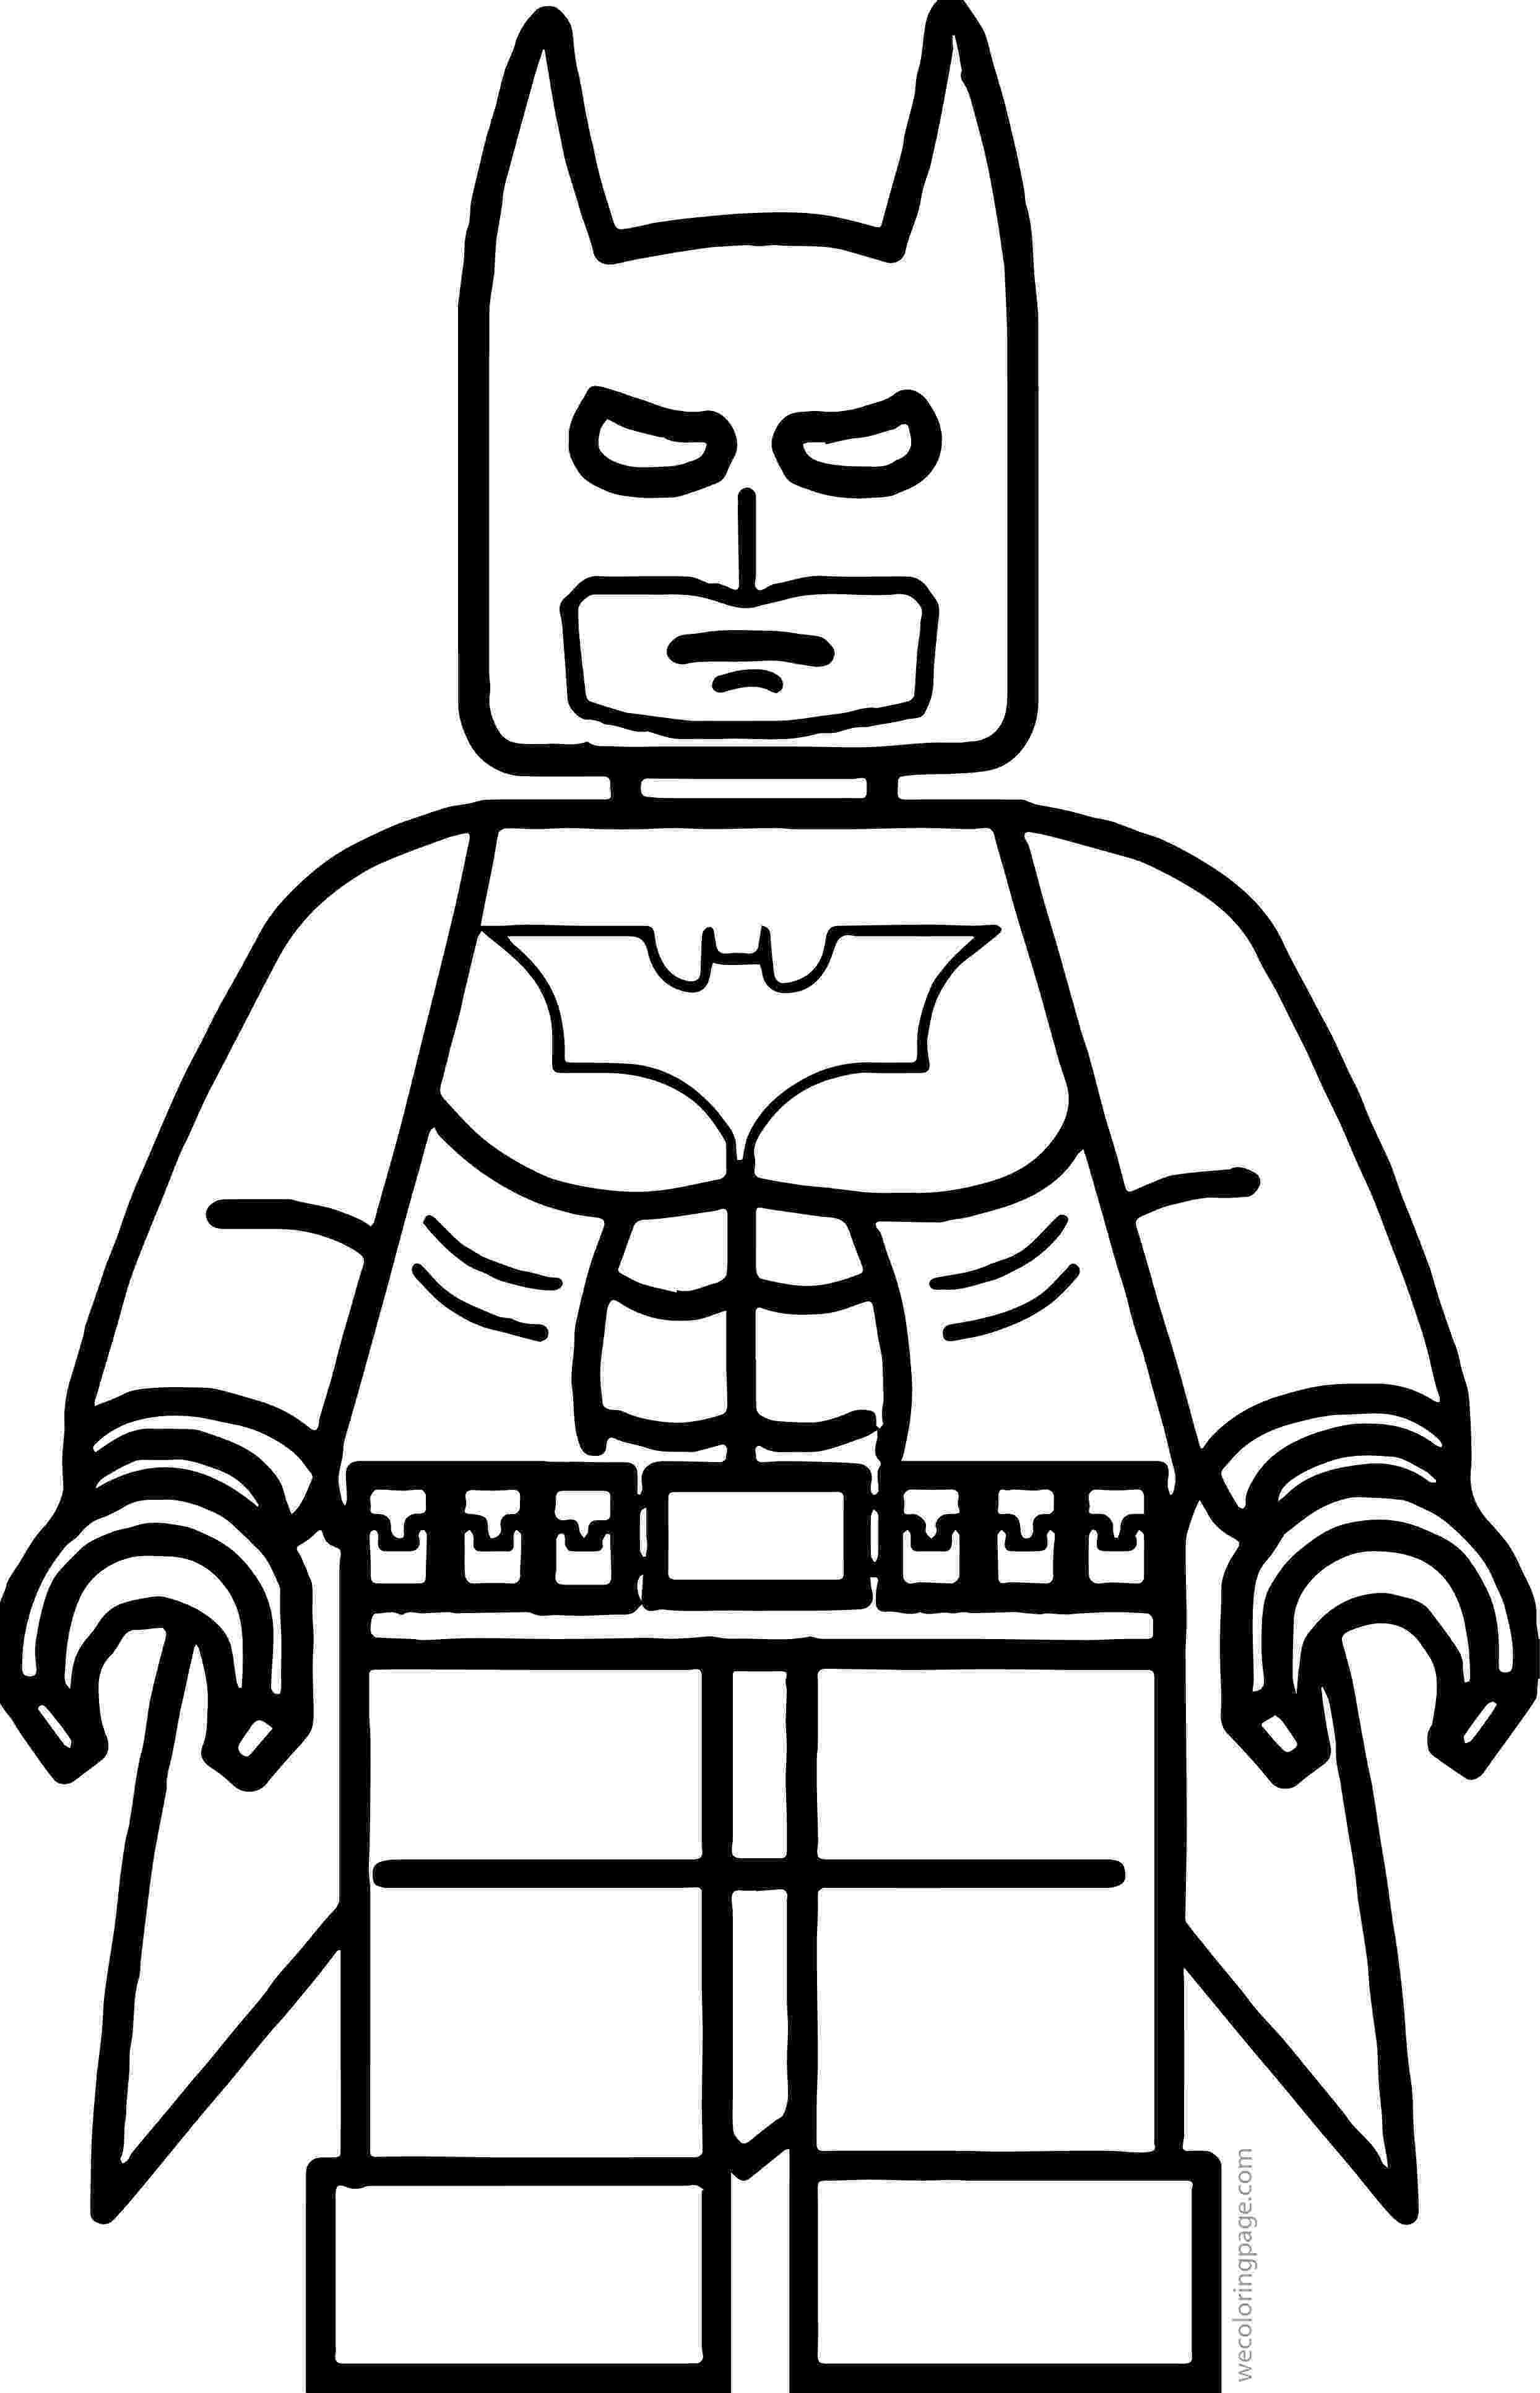 batman coloring pages online batman coloring pages batman coloring pages baking batman online coloring pages